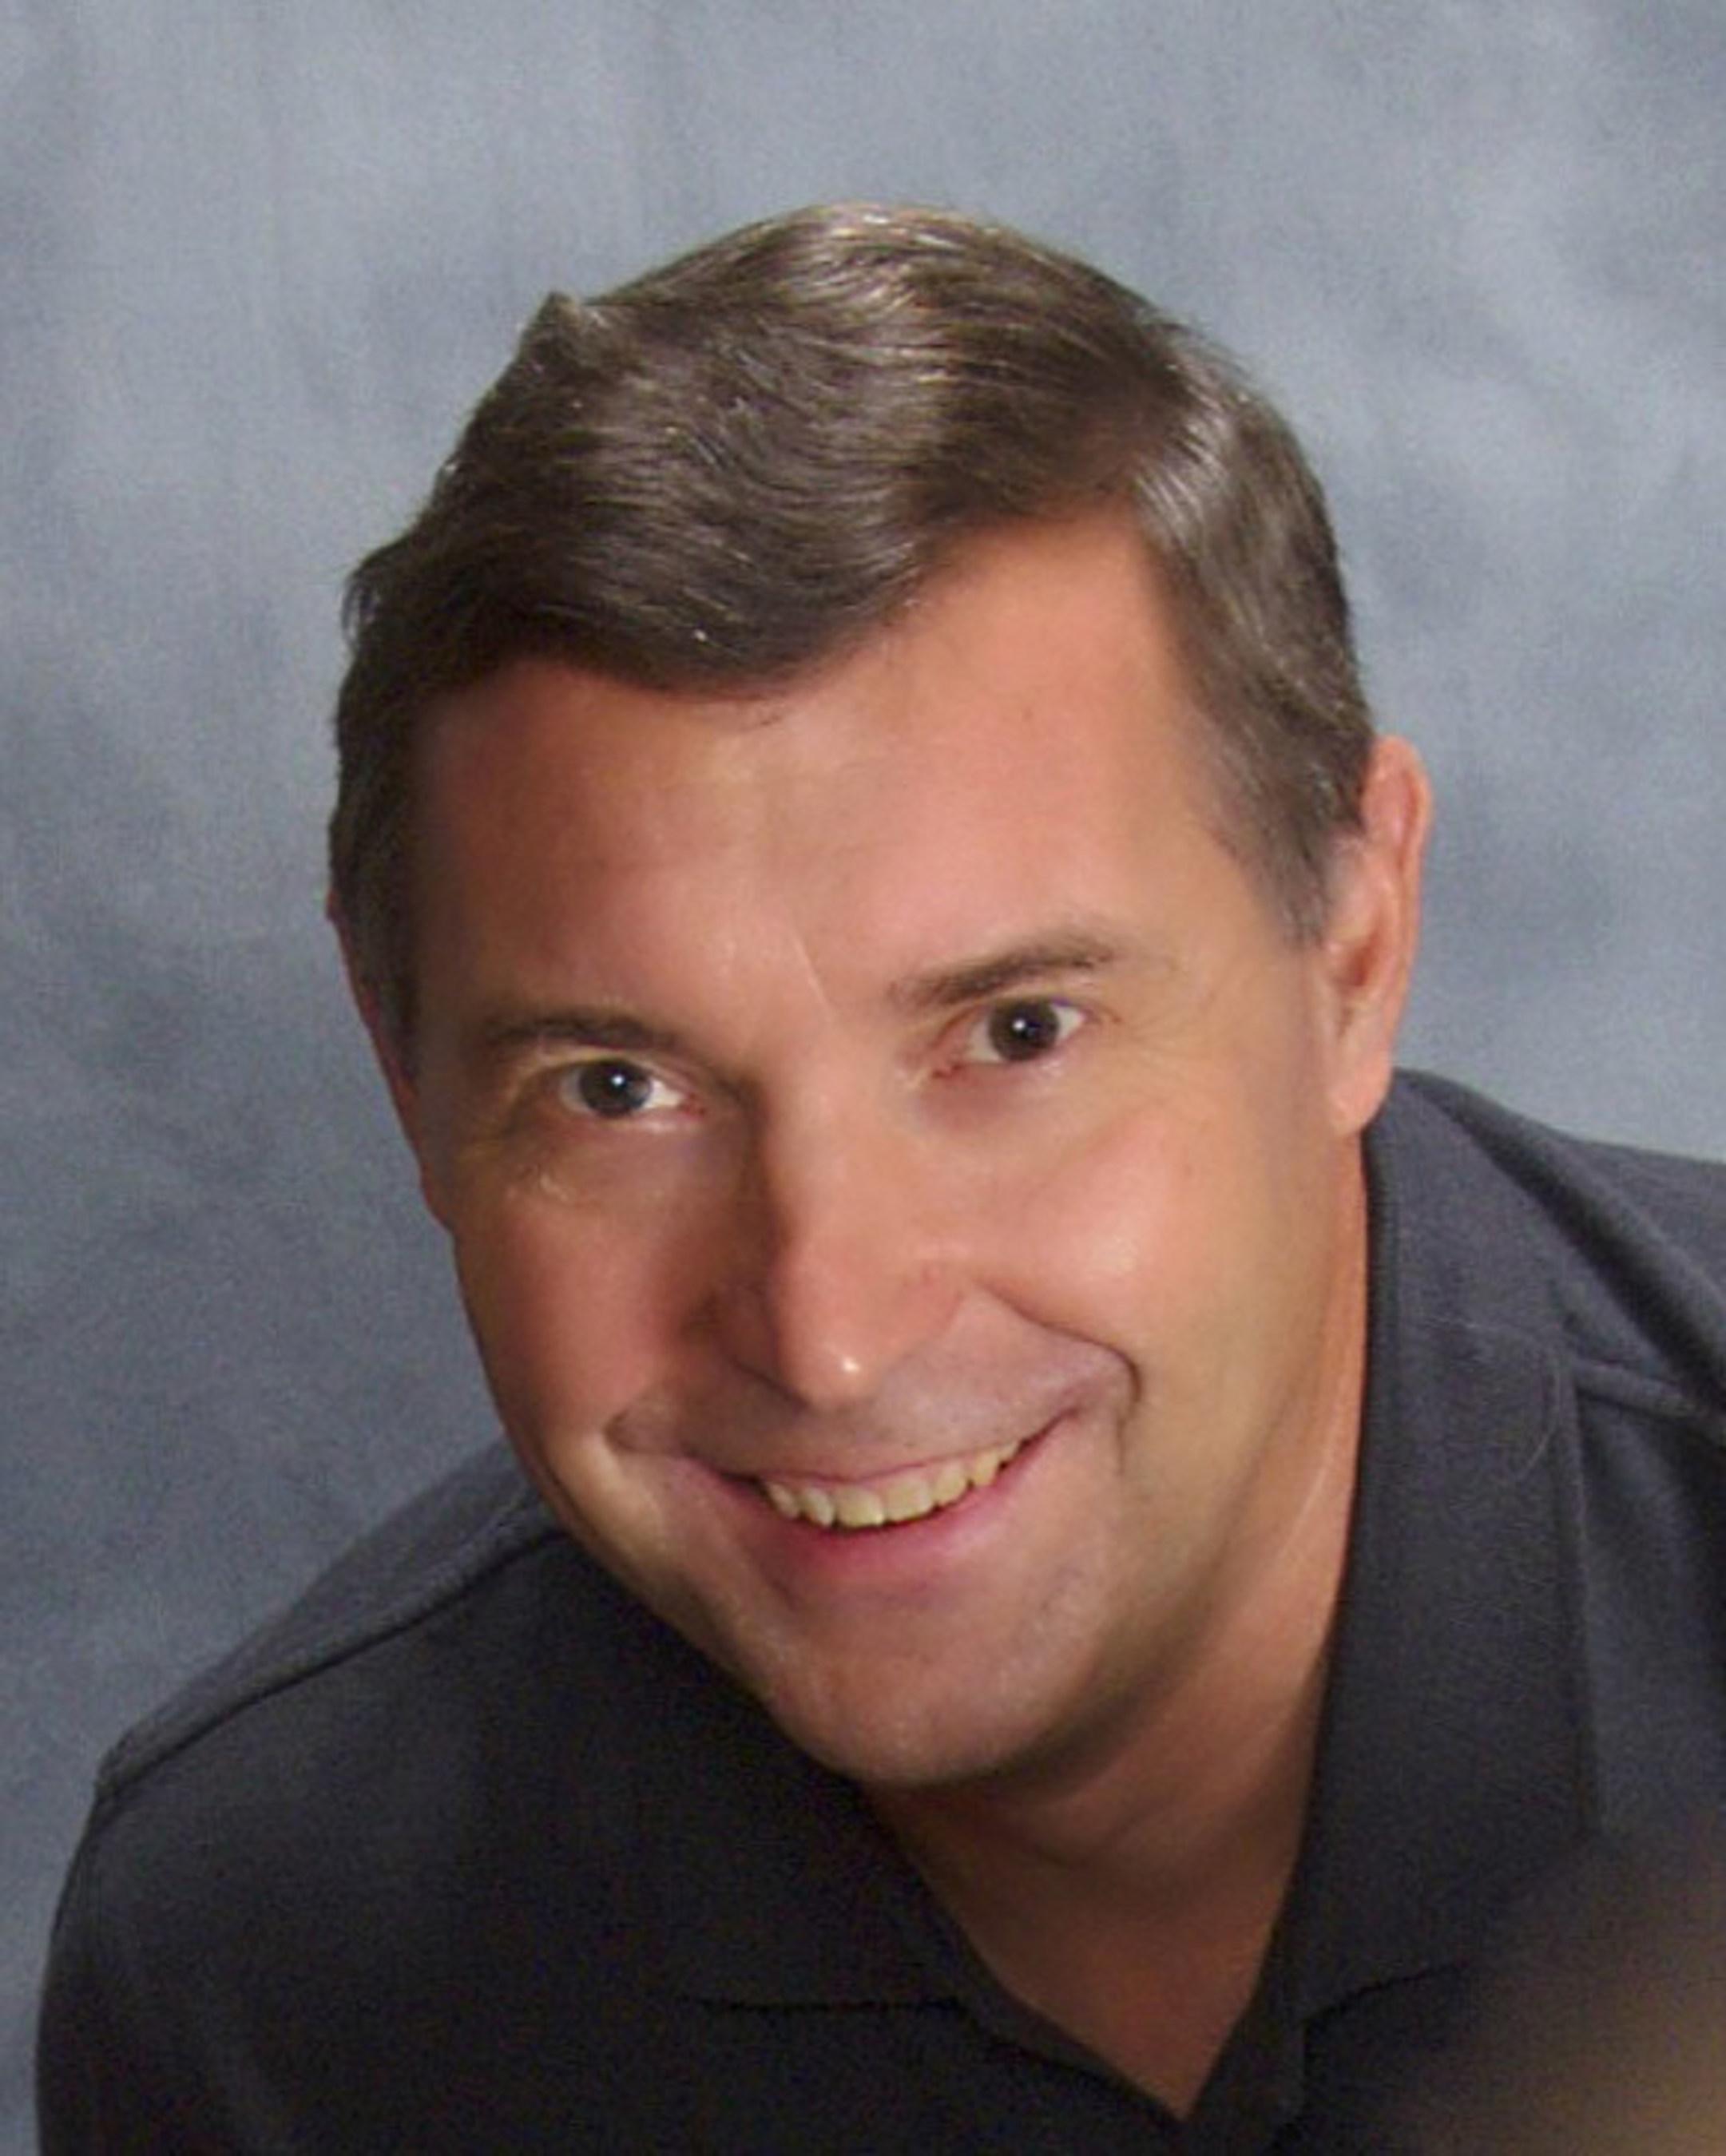 Ehemaliger Offizier eines Atom-U-Bootes zum Global Marketing Director von Maetrics ernannt, des